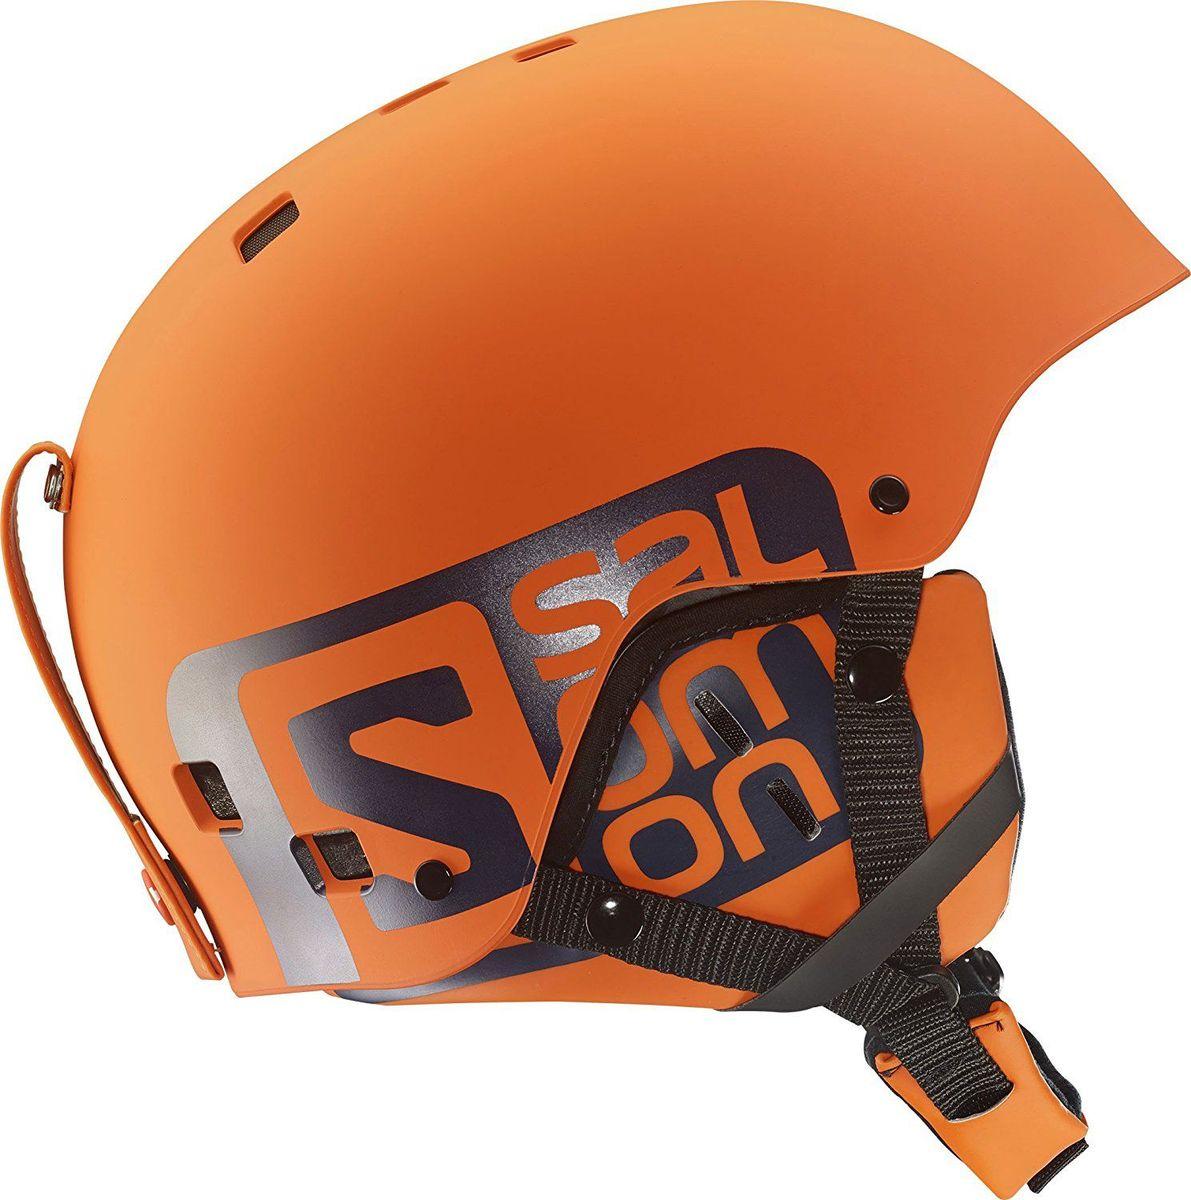 Шлем горнолыжный Salomon Helmet Brigade Orange Matt. Размер S (55/56)L37776300Горнолыжный шлем с литой внешней прочной поверхностью и съемными накладками на уши. Внутренний слой из вспененного материала ABS+EPS особой формы отлично поглощает как прямые удары, так и угловые. Стреп на подбородок выполнен из мягкого текстиля и оснащен застежкой-защелкой.Съемная подкладка, которую можно стирать при необходимости.